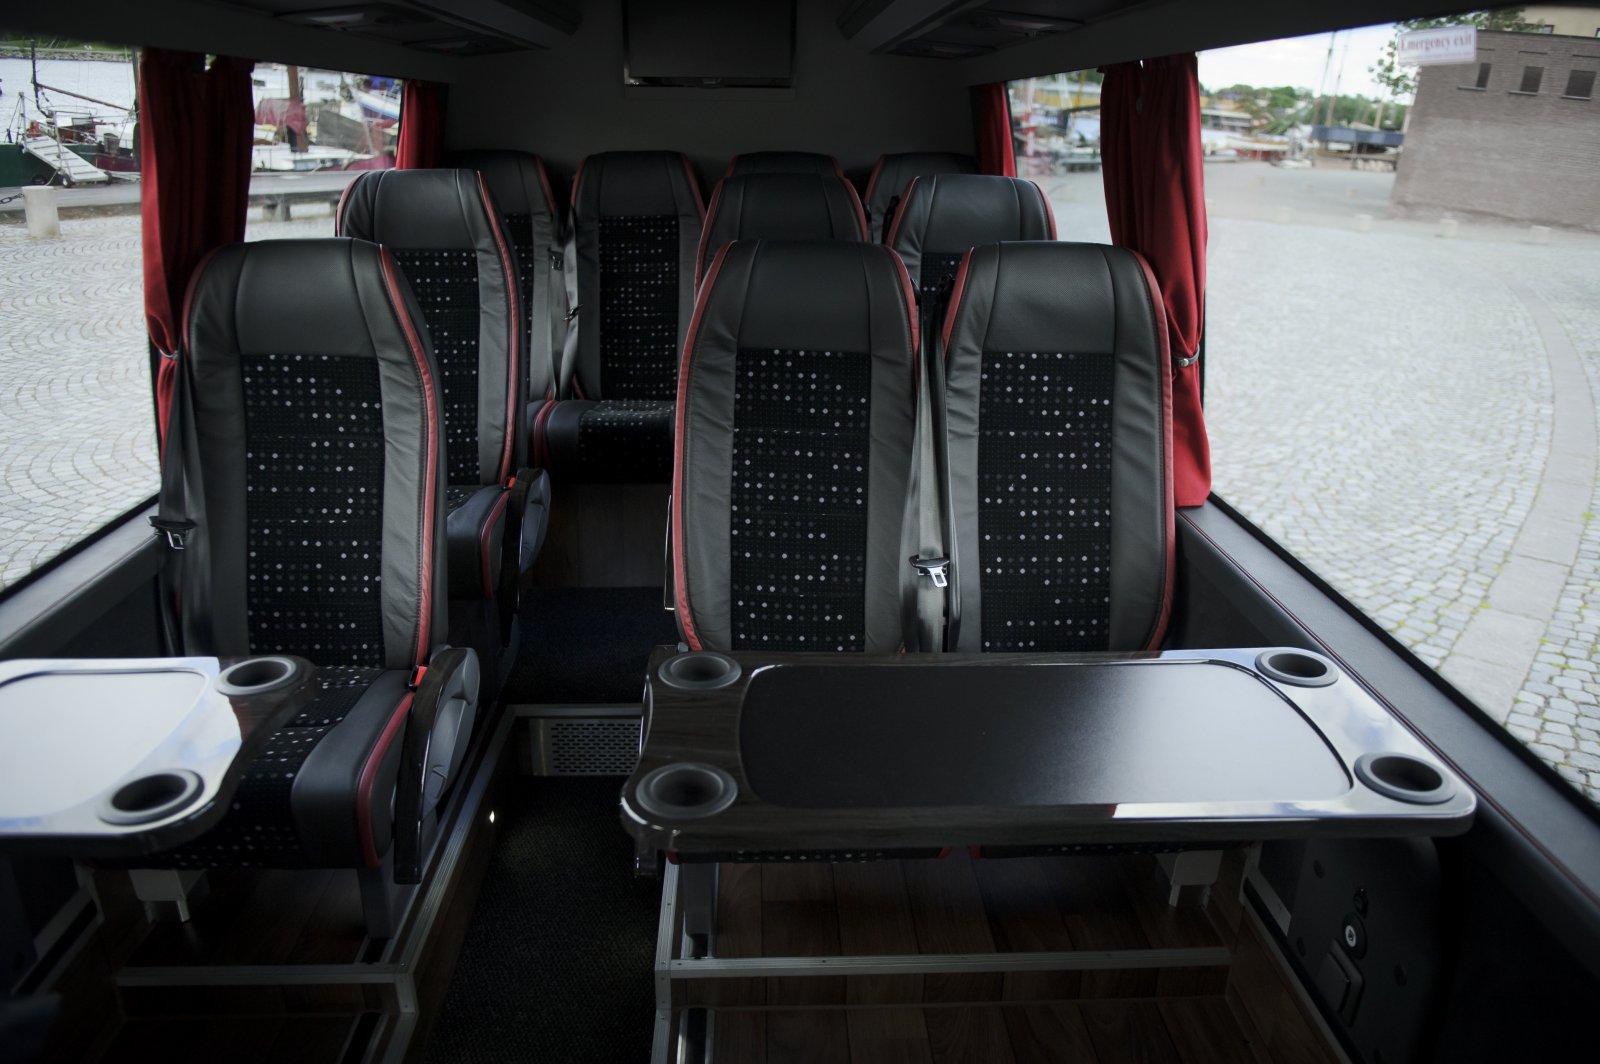 Bussen har plats för upp till 15 personer.